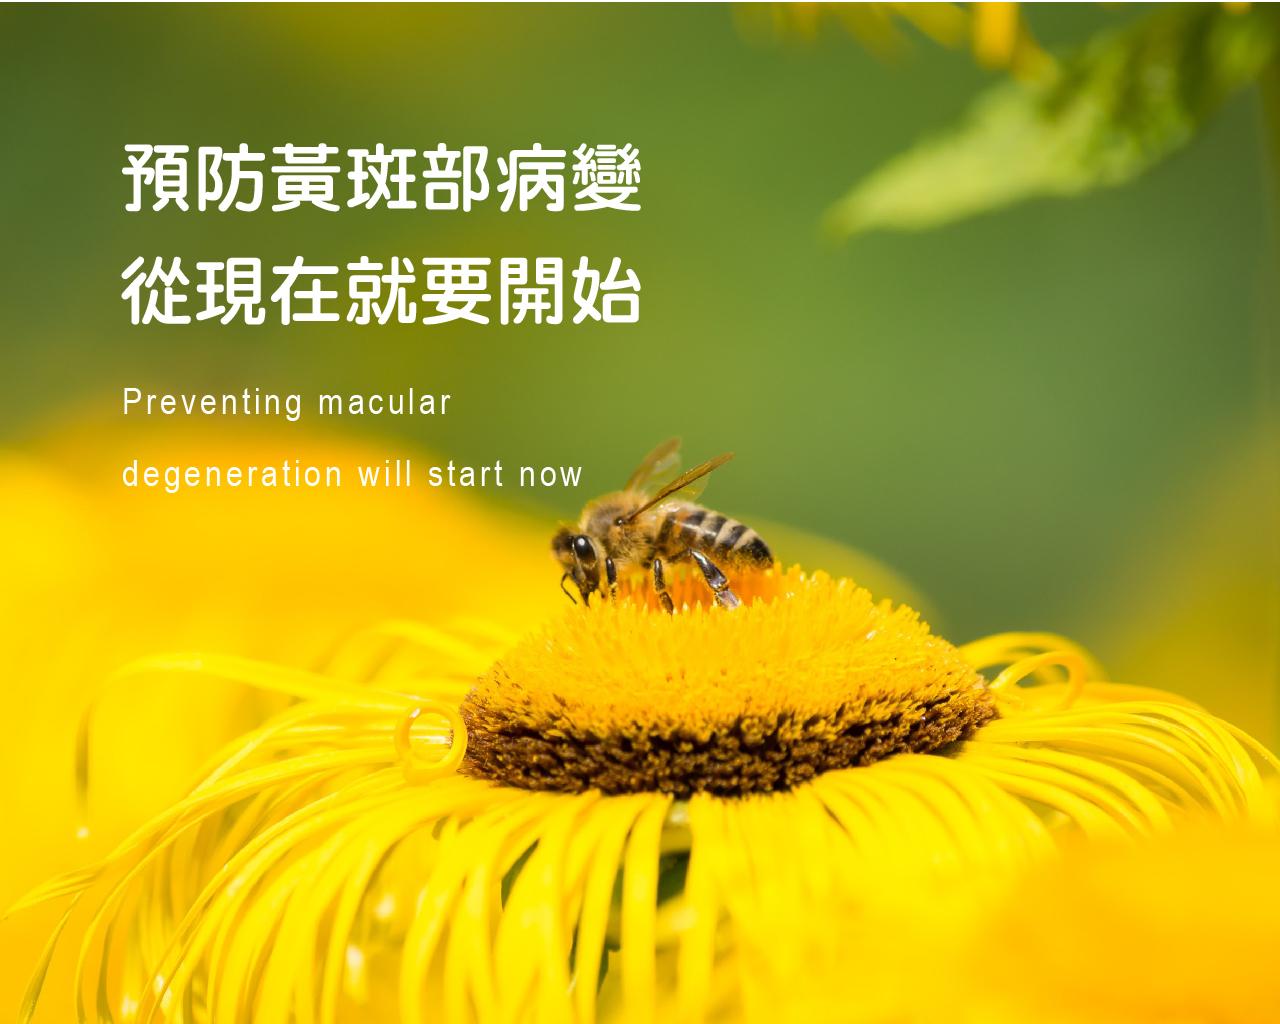 黃斑部病變~預防勝於治療